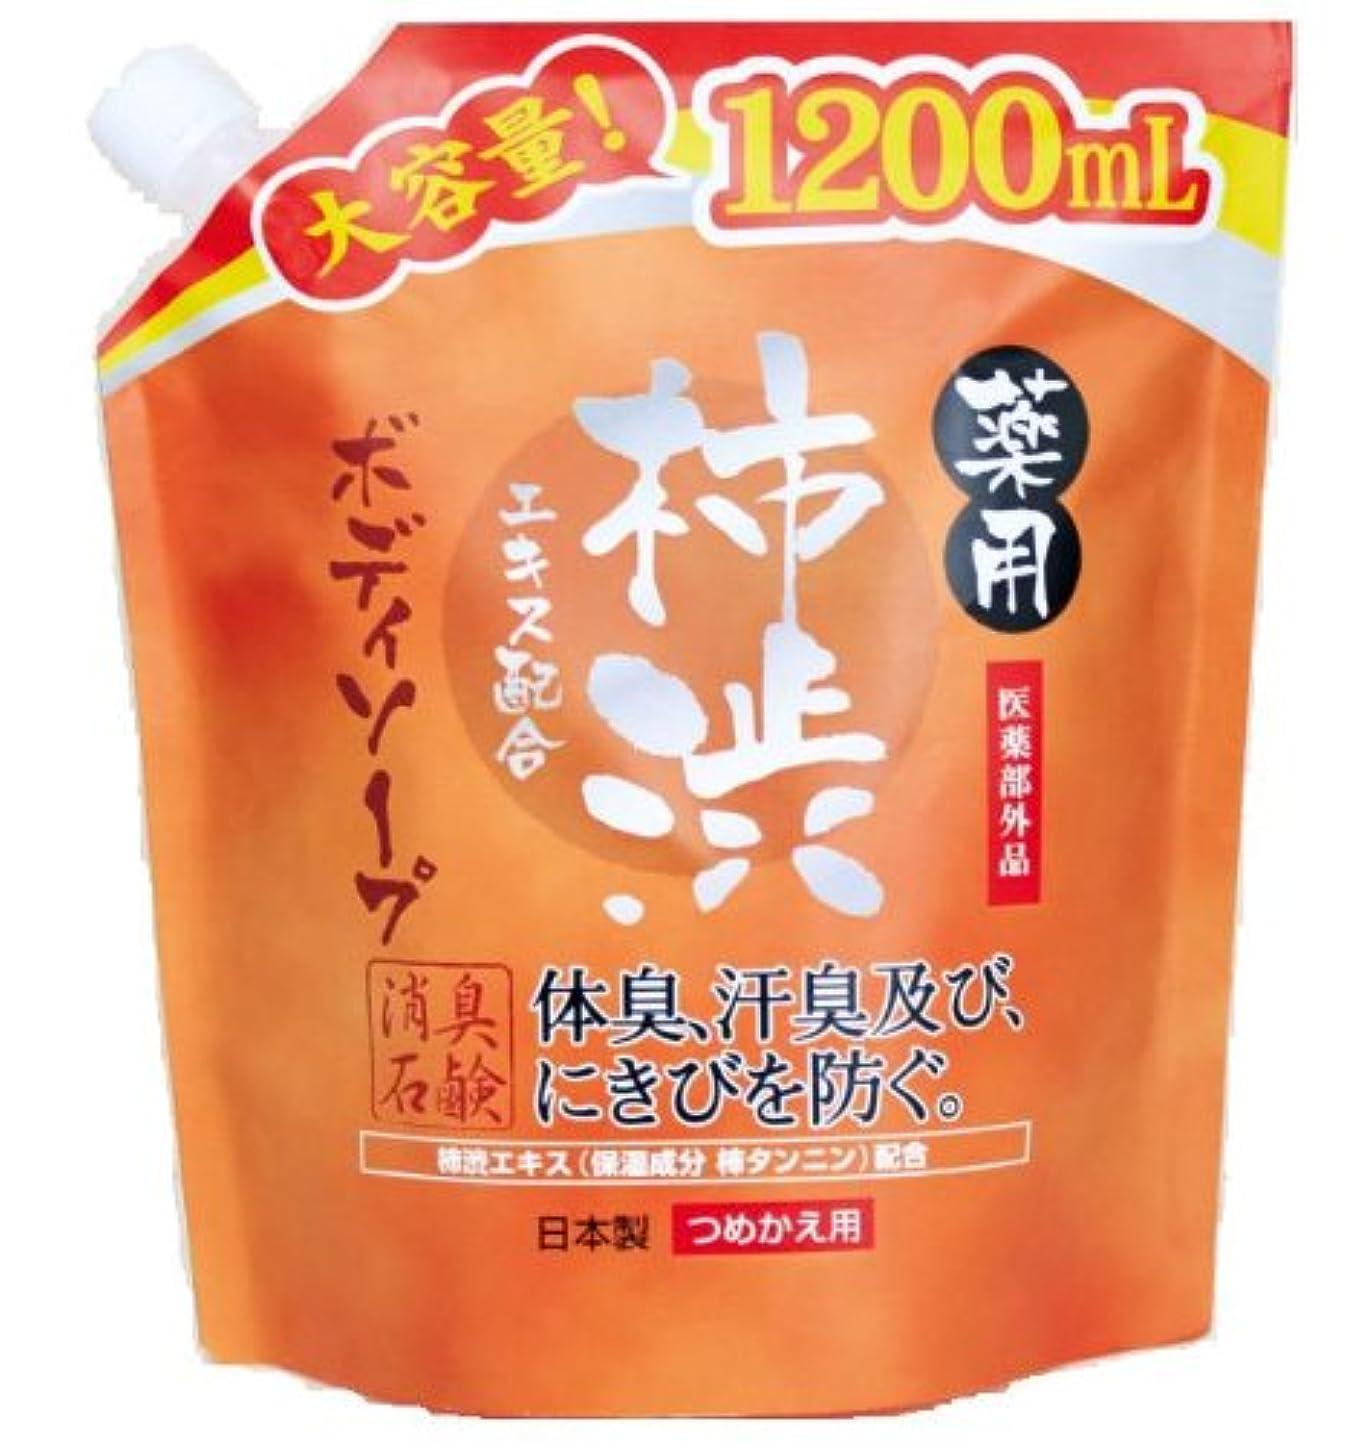 薬用柿渋 ボディソープ 大容量 (つめかえ用) 1200mL 【医薬部外品】